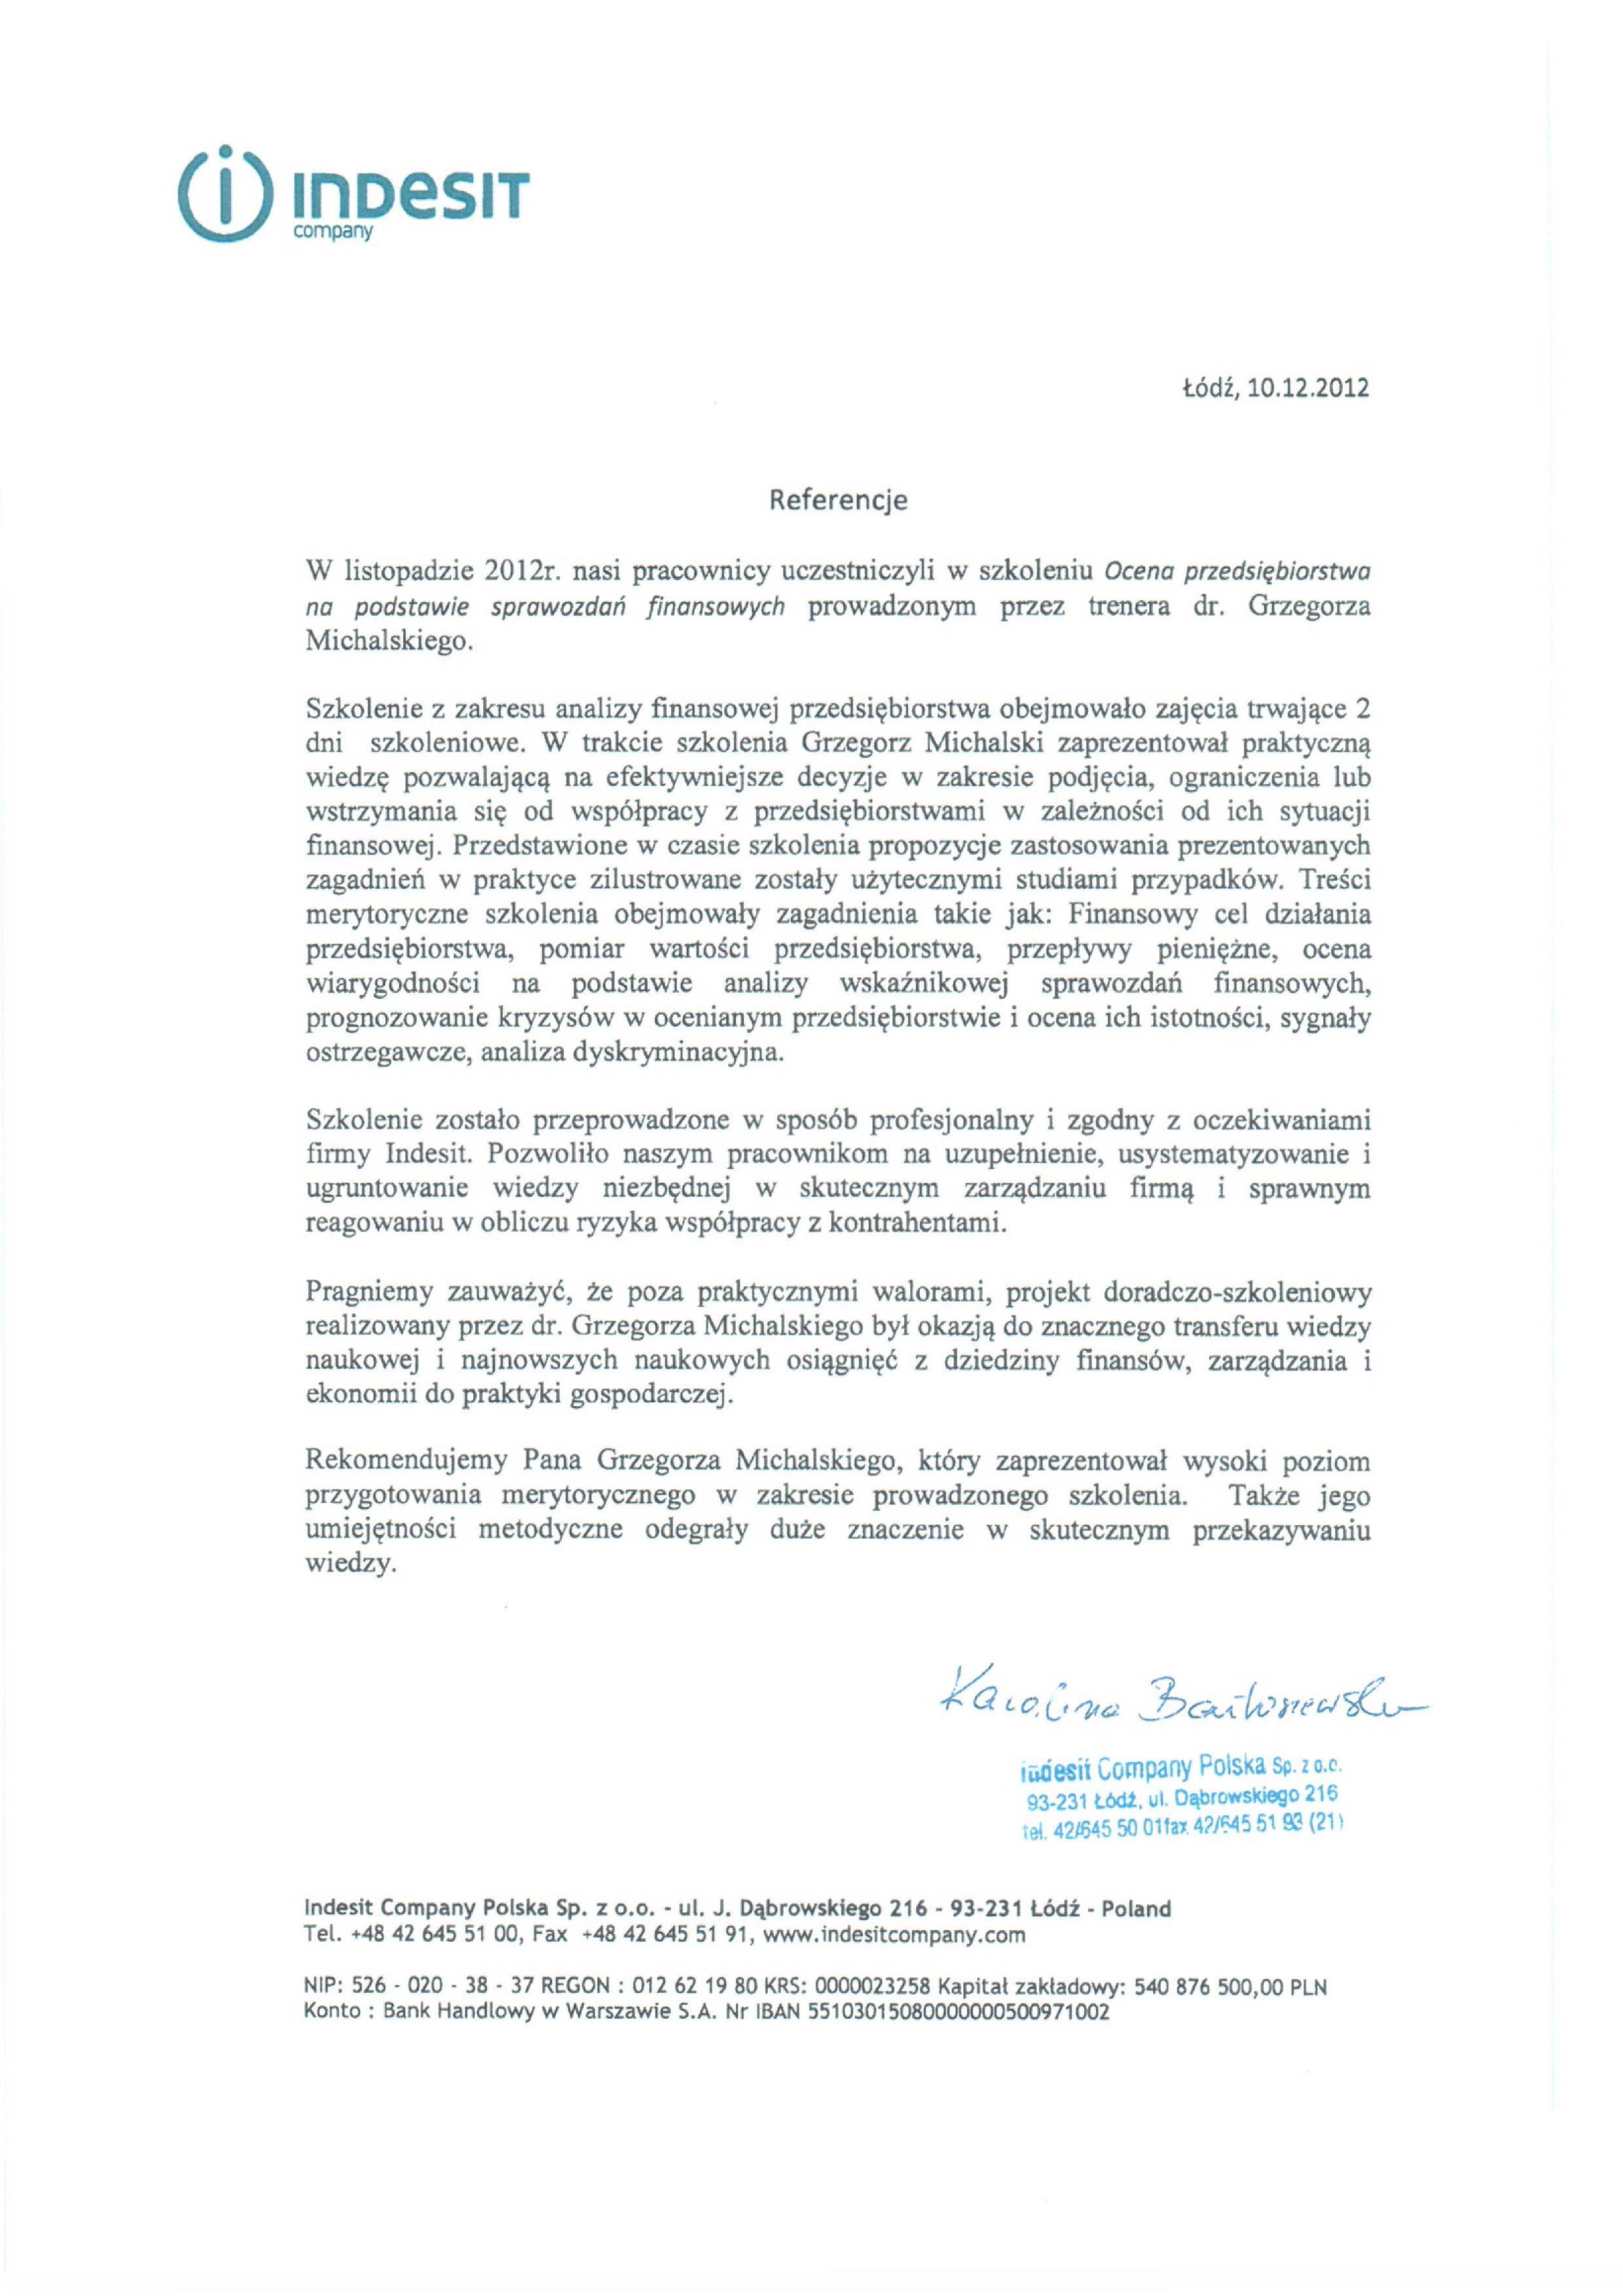 Referencje-michalski-grzegorz-Ocena-Przedsiebiorstwa-XI2012WarszawaIndesit.jpg?=szkolenia